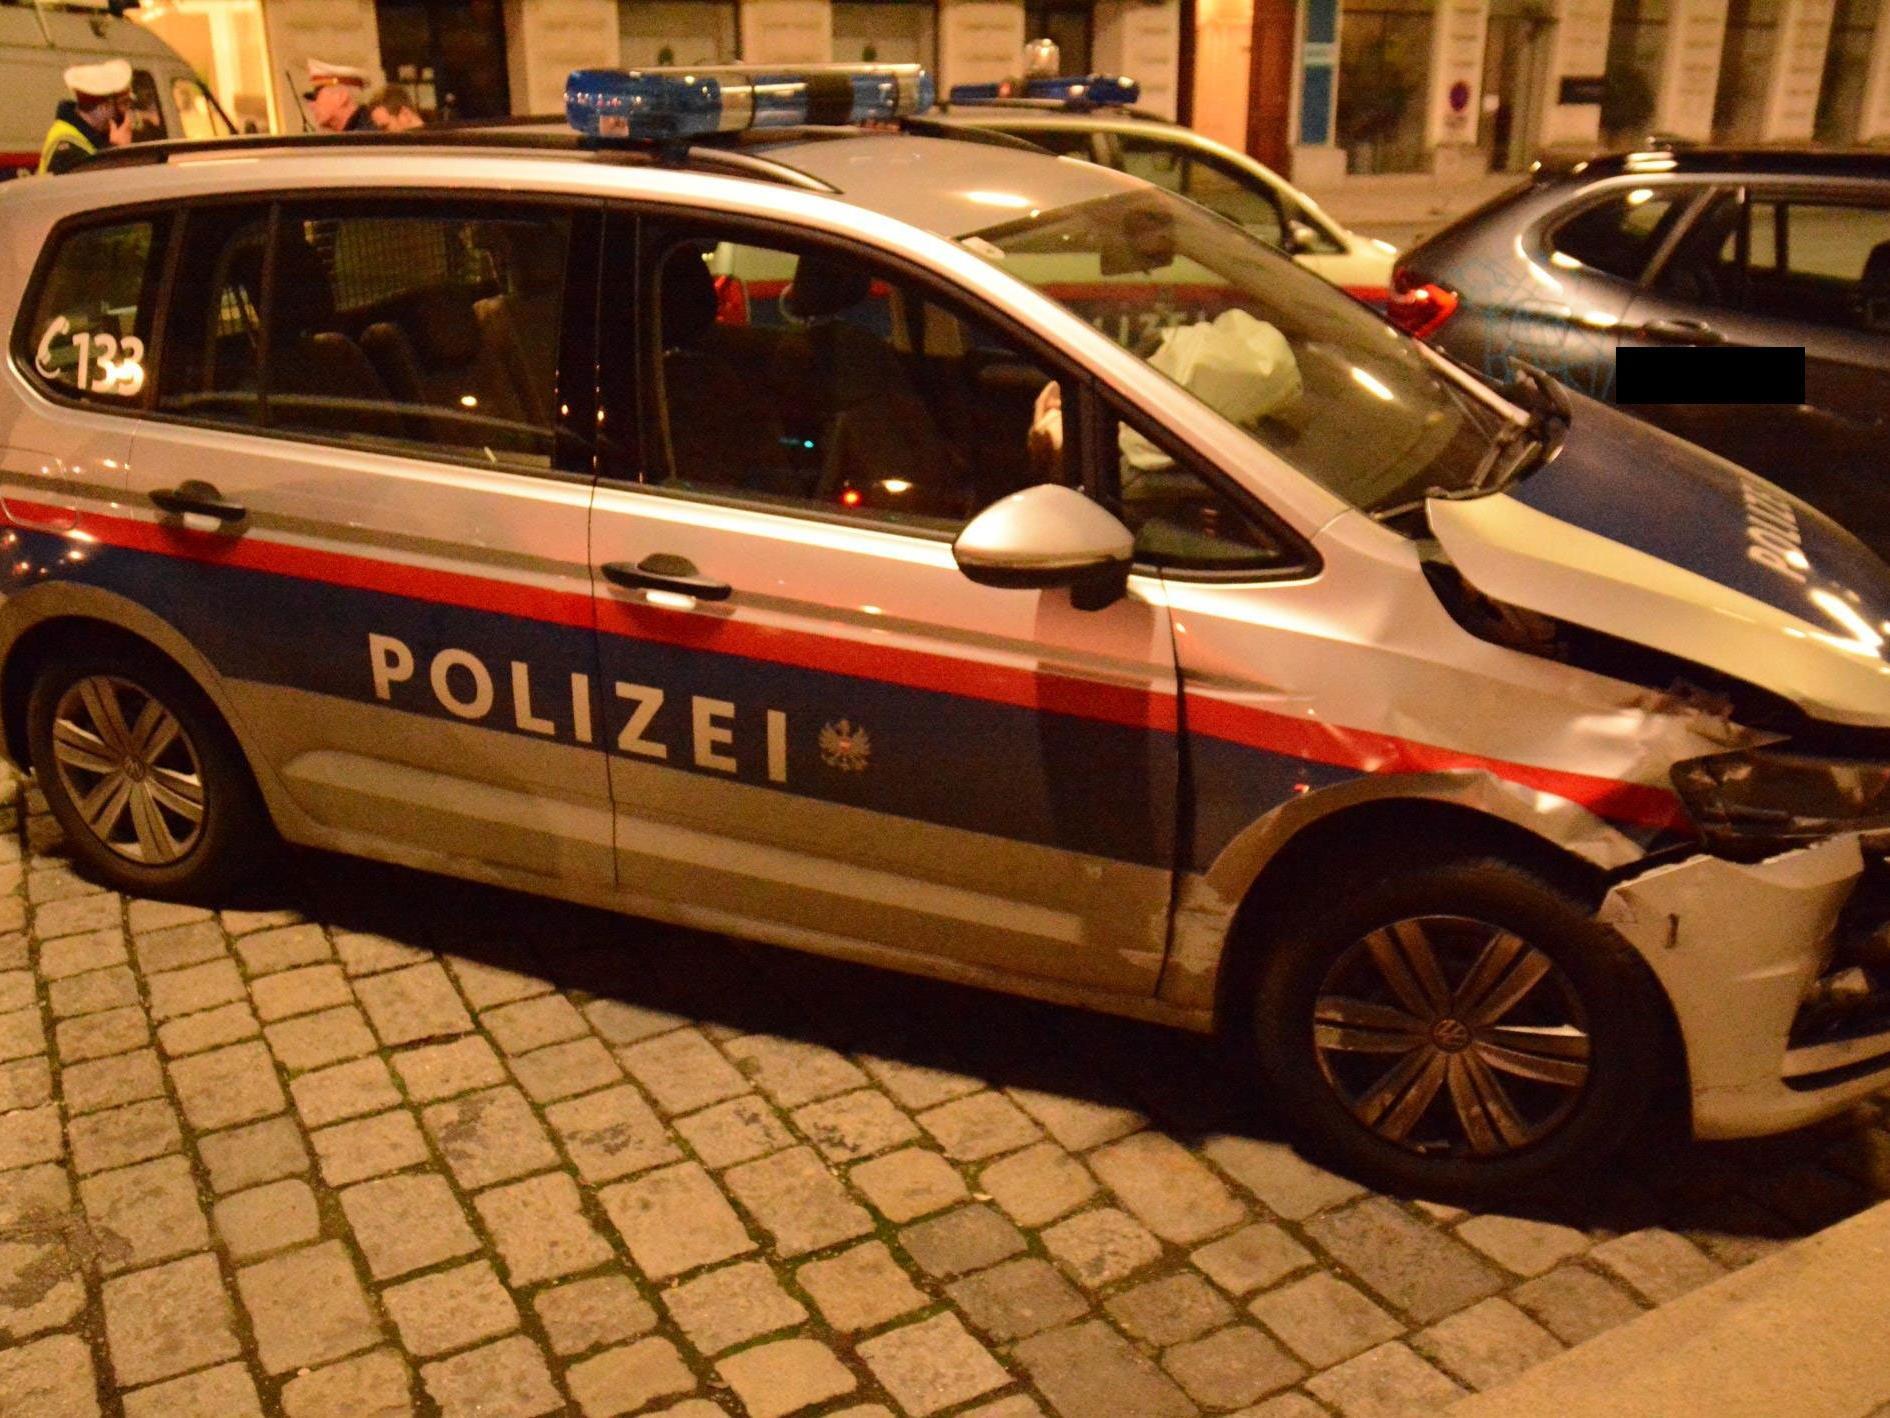 Das beschädigte Auto nach dem Unfall im 1. Wiener Gemeindebezirk.